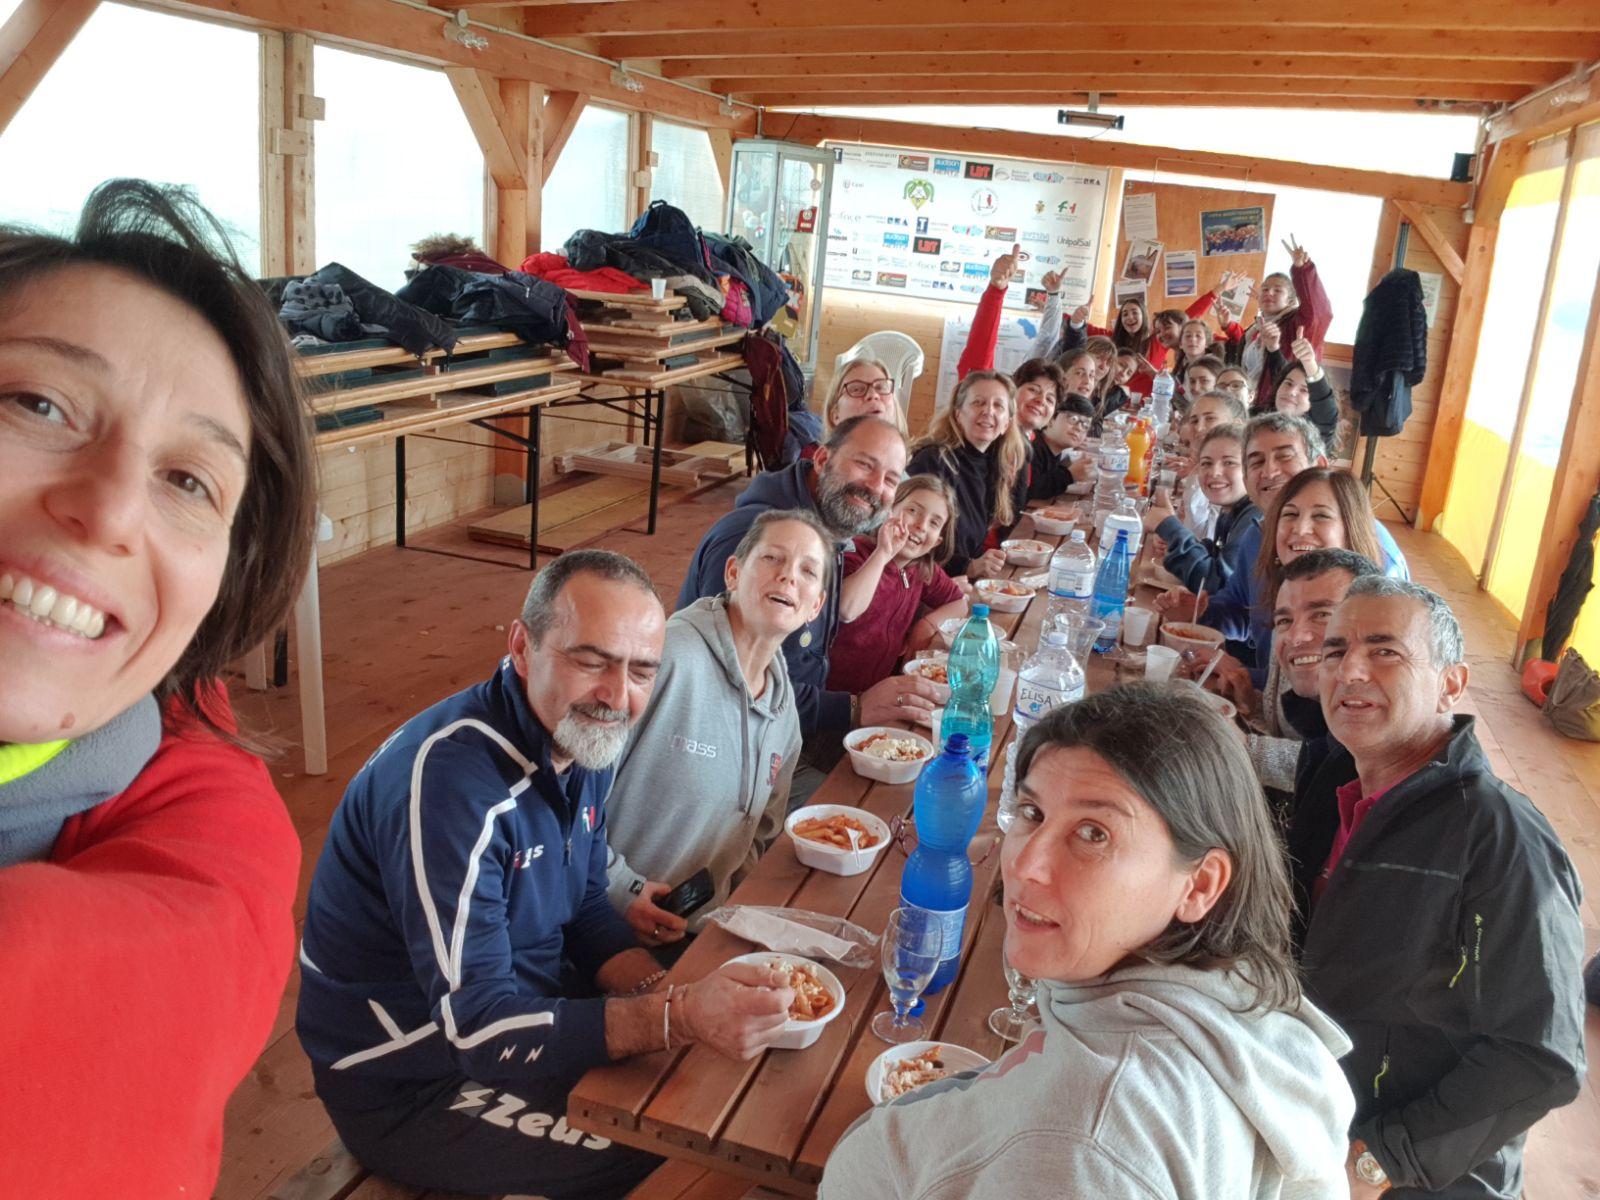 La Comitiva A Pranzo Dopo Le Vittorie ..